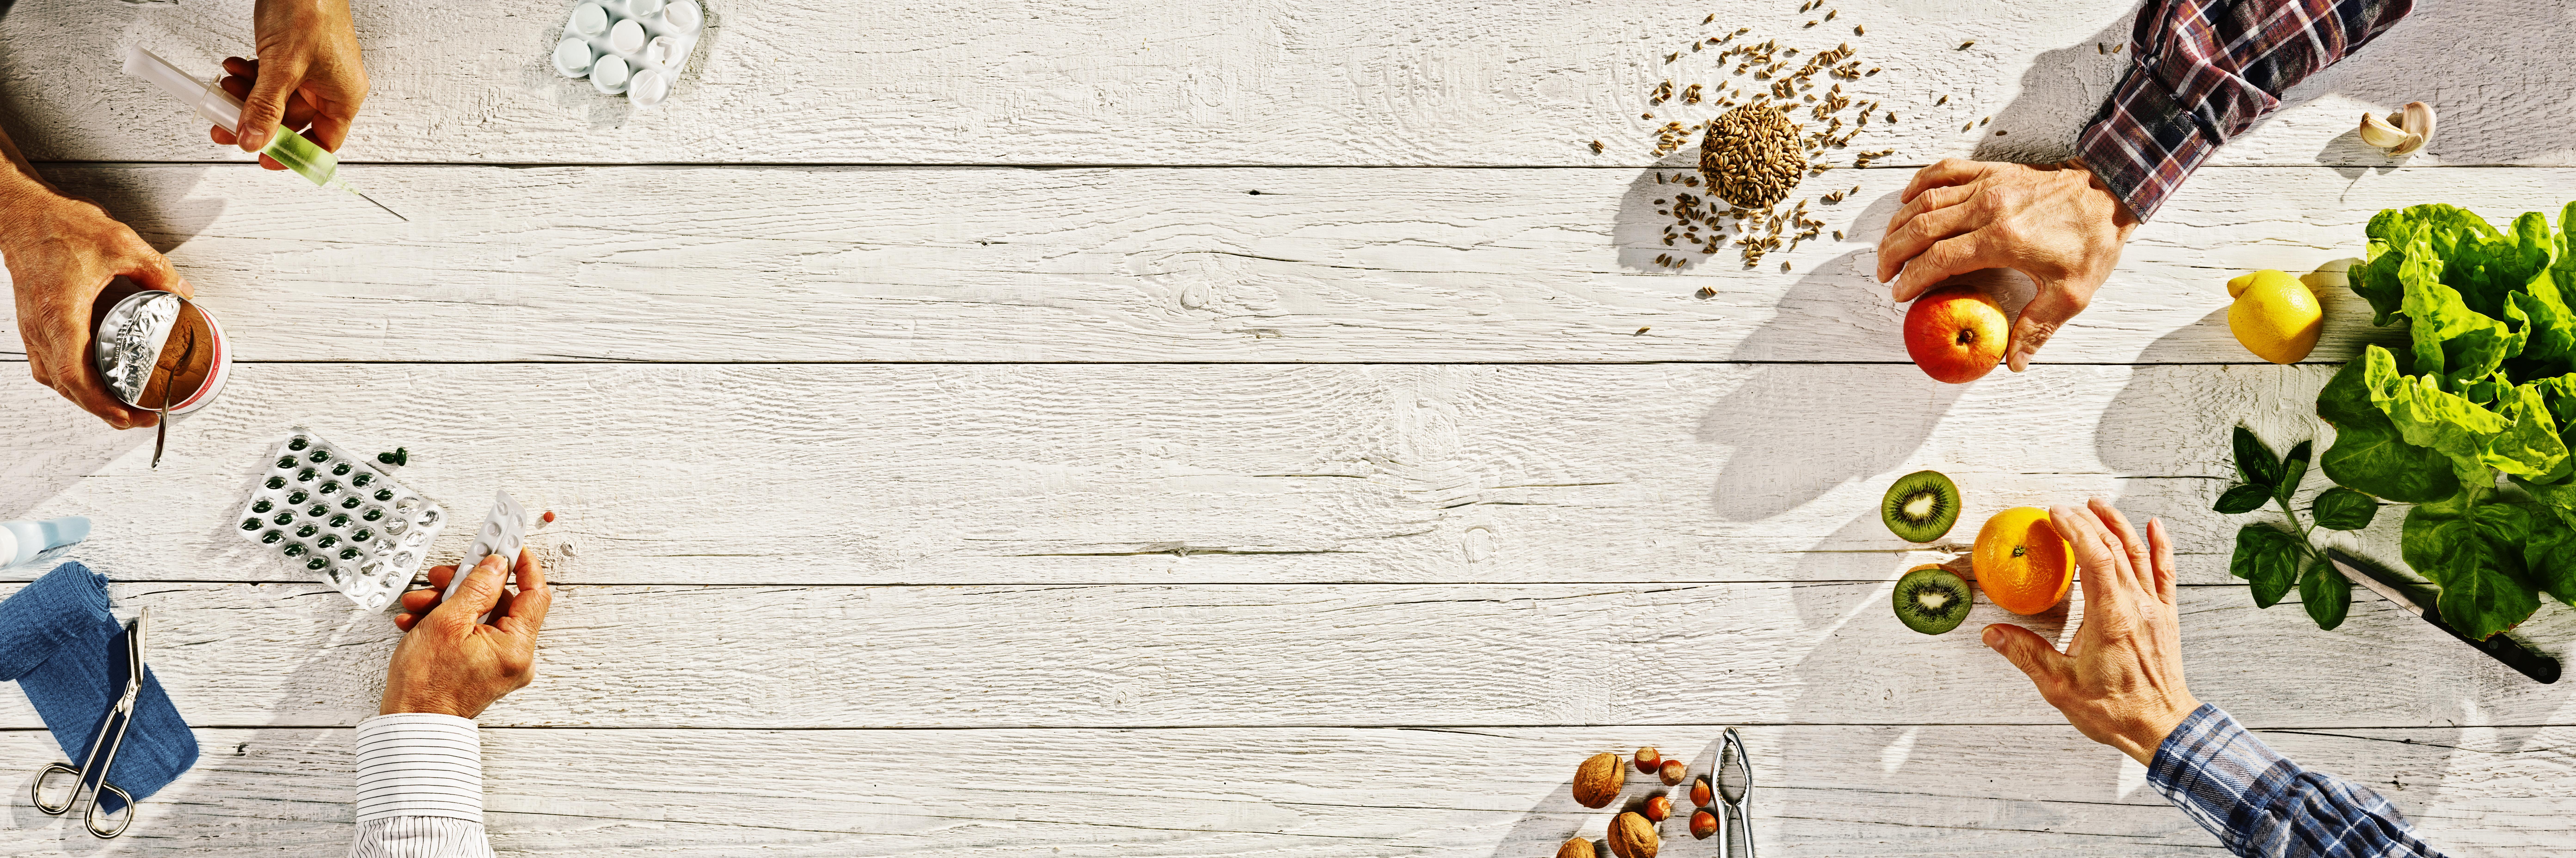 Donner accès aux plus démunis aux aliments frais et variés riches en nutriments indispensables à la santé (Visuel Adobe Stock 10997239)